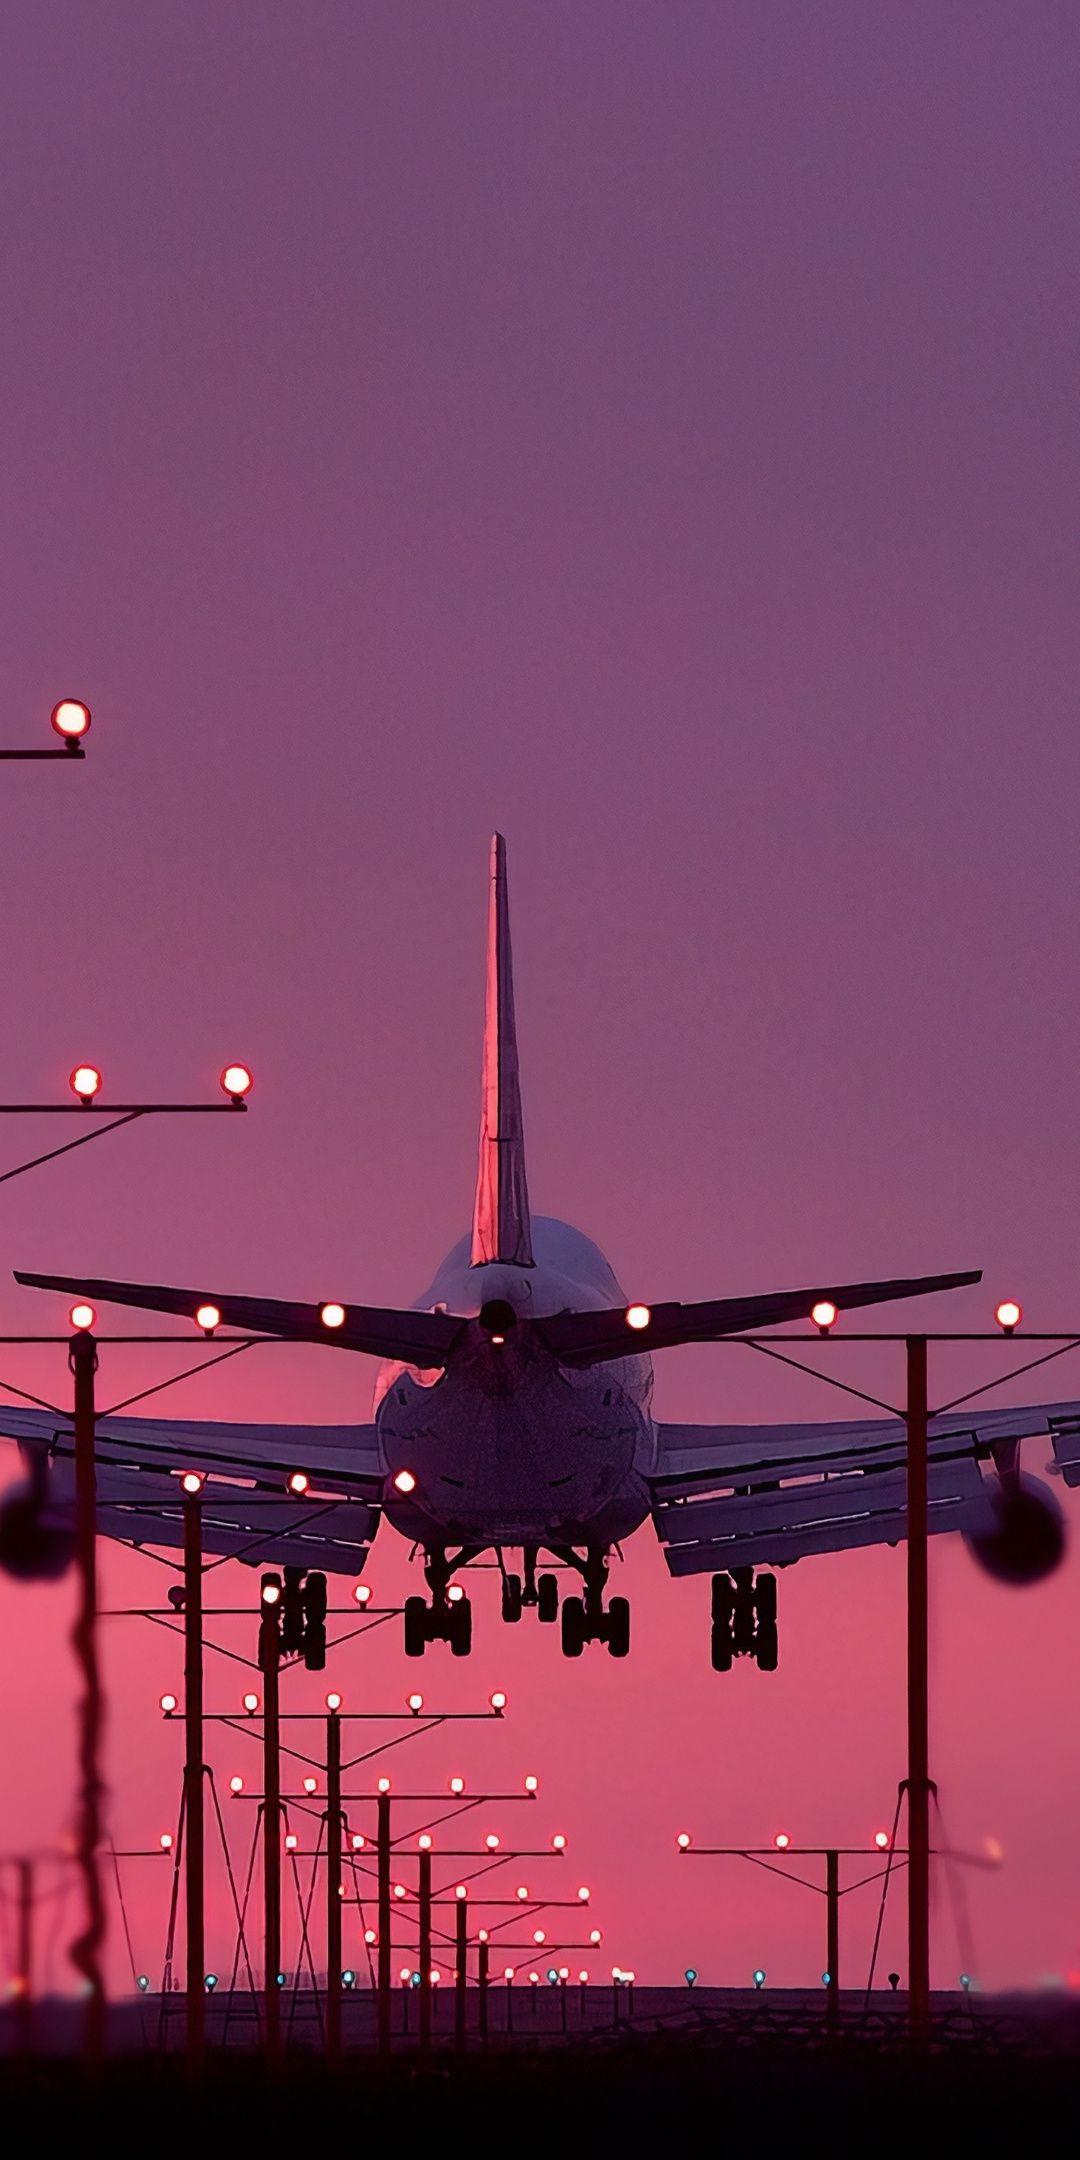 Aircraft, landing, sunset, 1080x2160 wallpaper